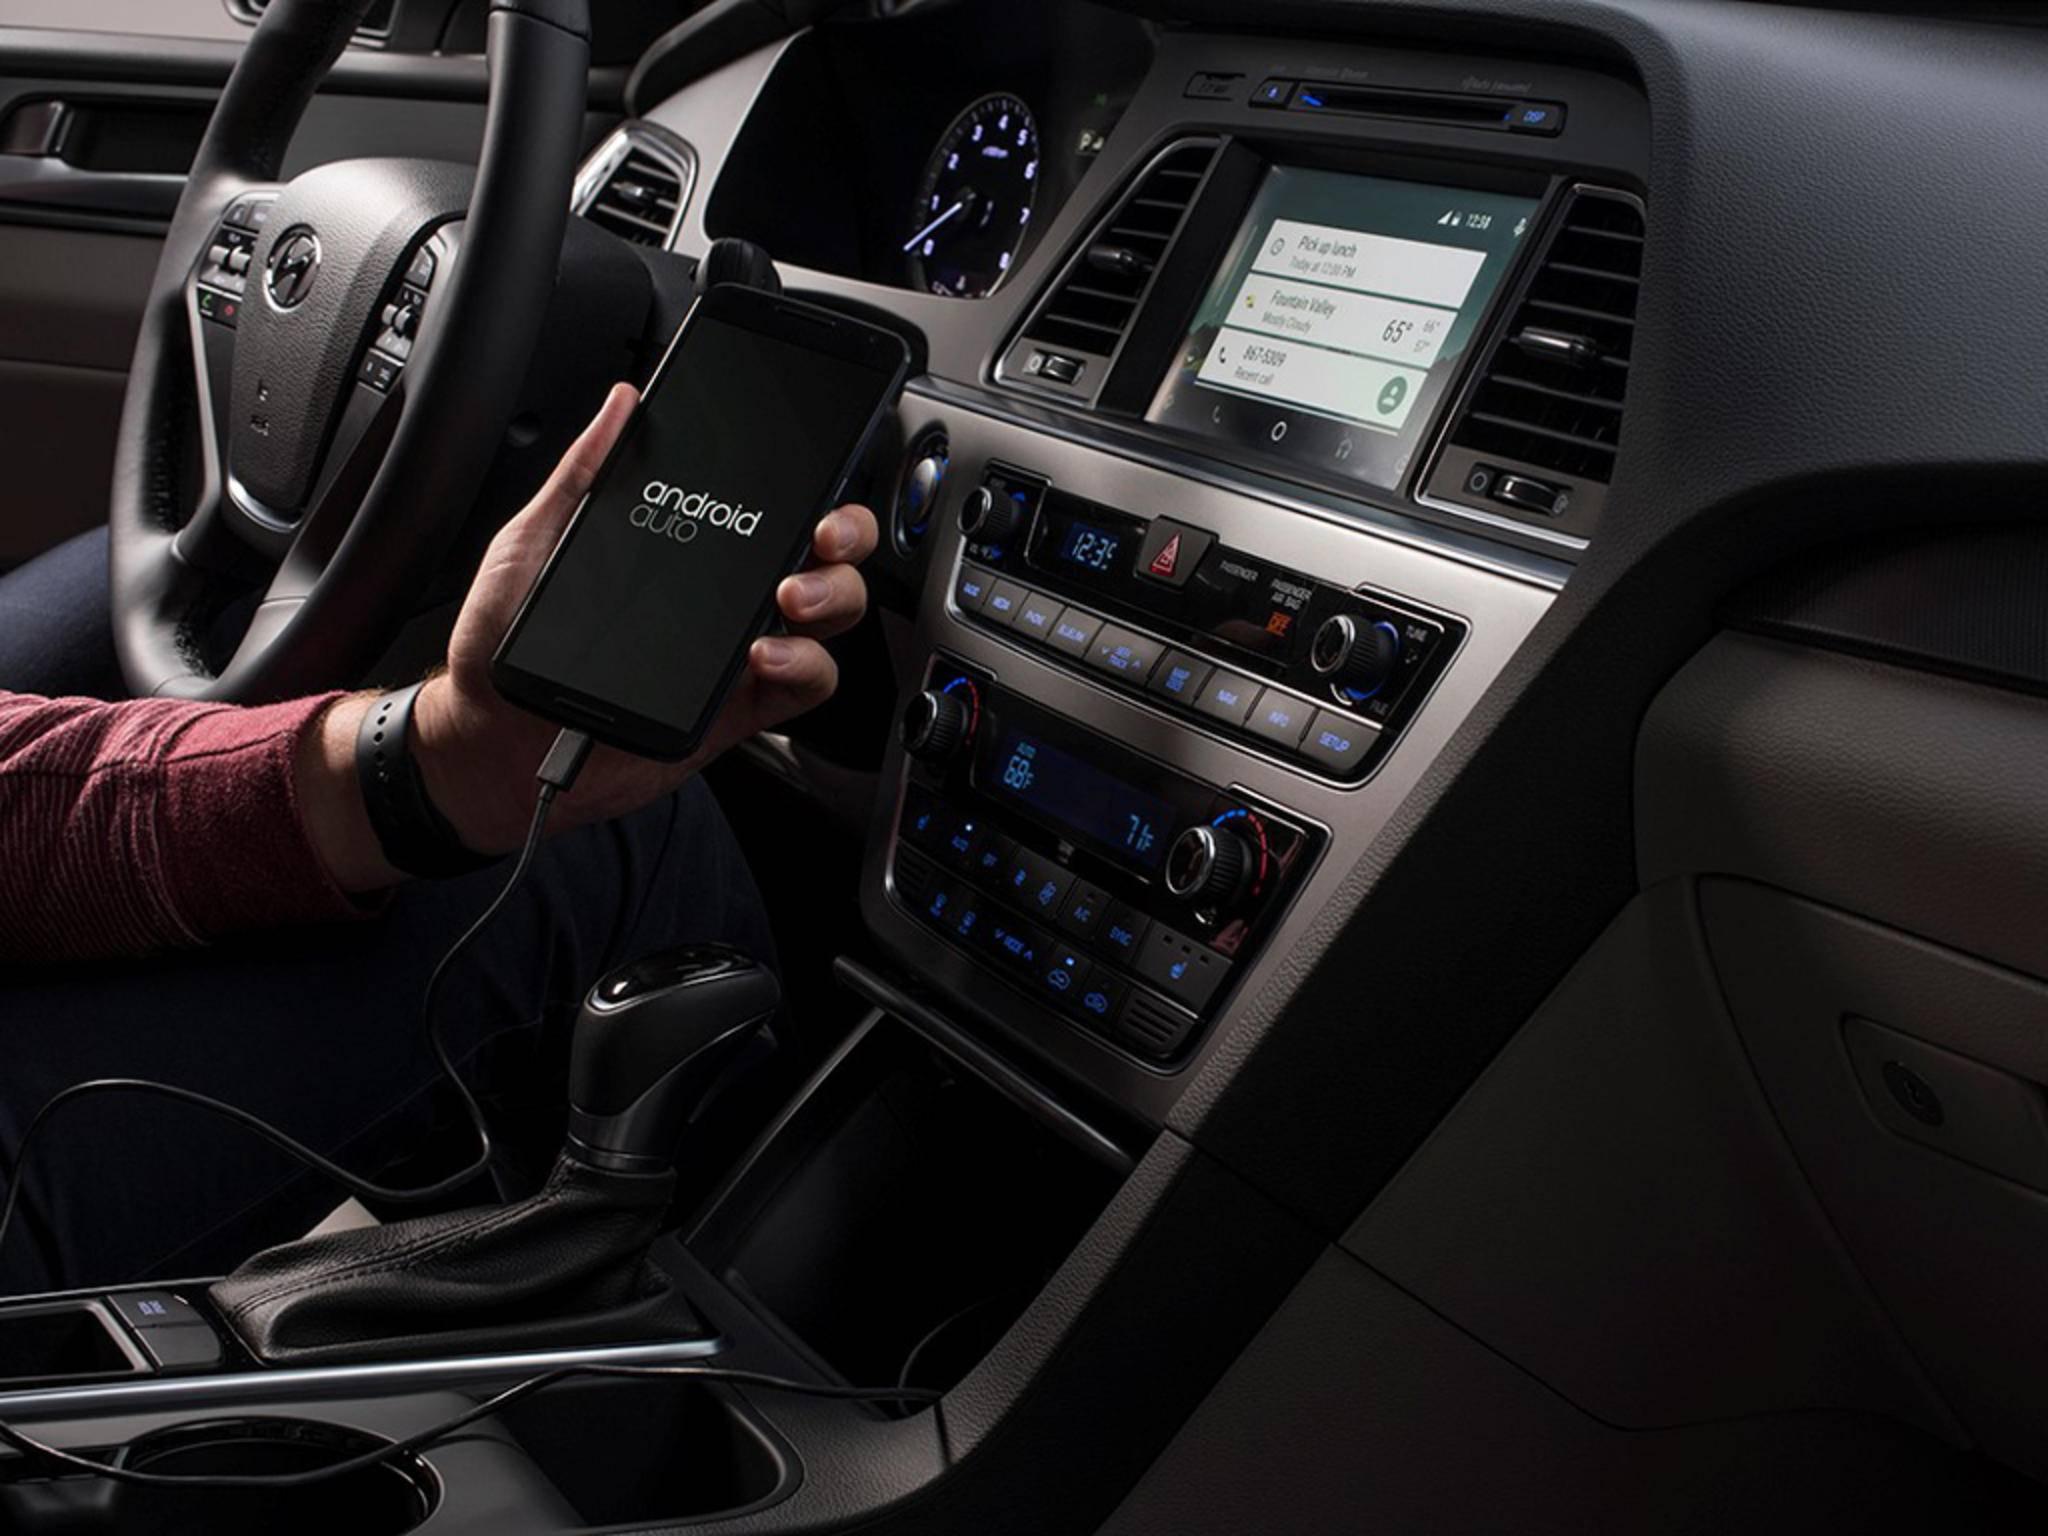 Mercedes Bluetooth Handy Verbinden Auto Kfz Bluetooth